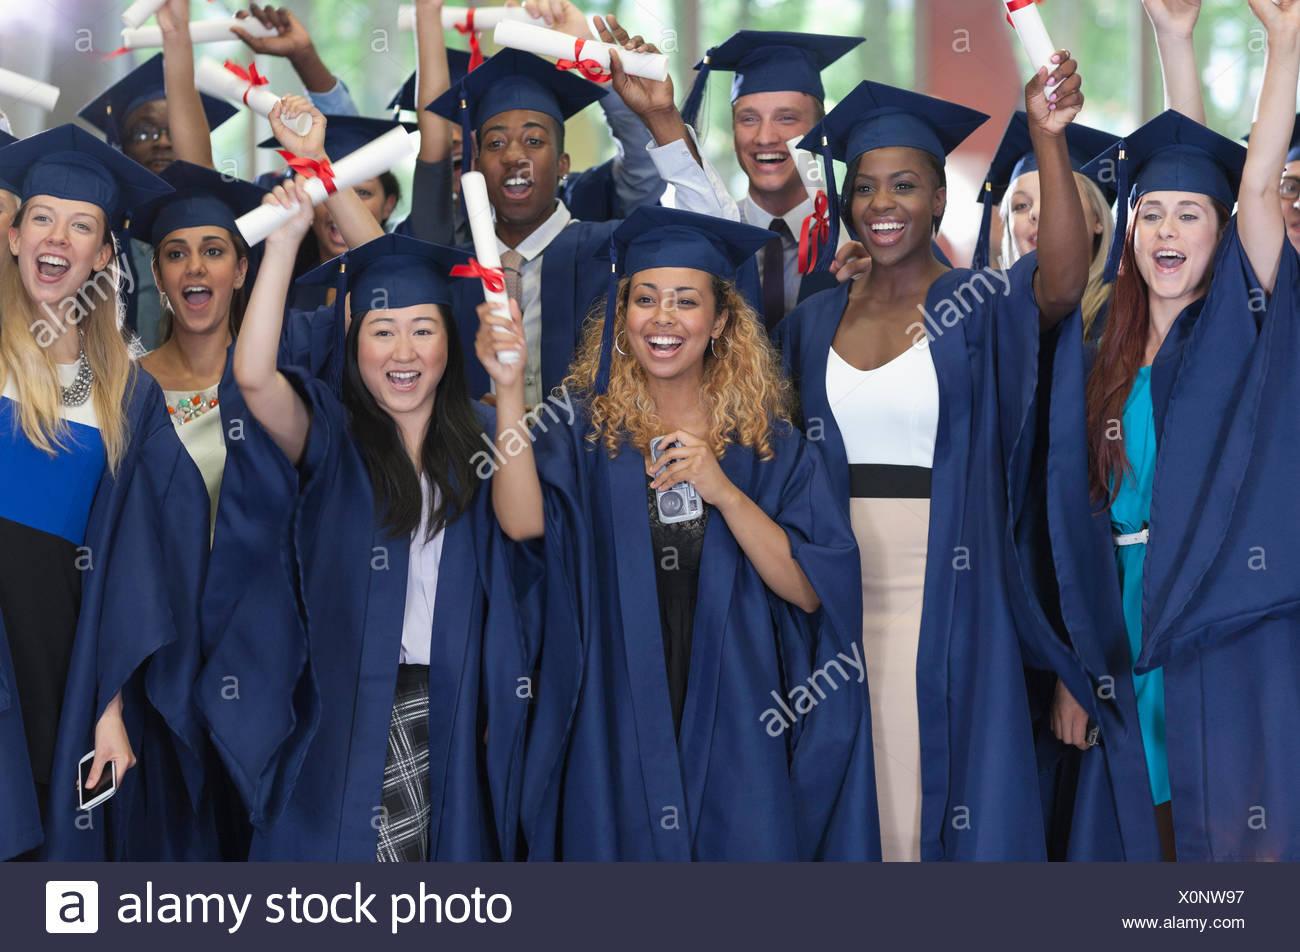 Gruppo di studenti di laurea vestiti in posa insieme per il ritratto di  gruppo 6310787ba578